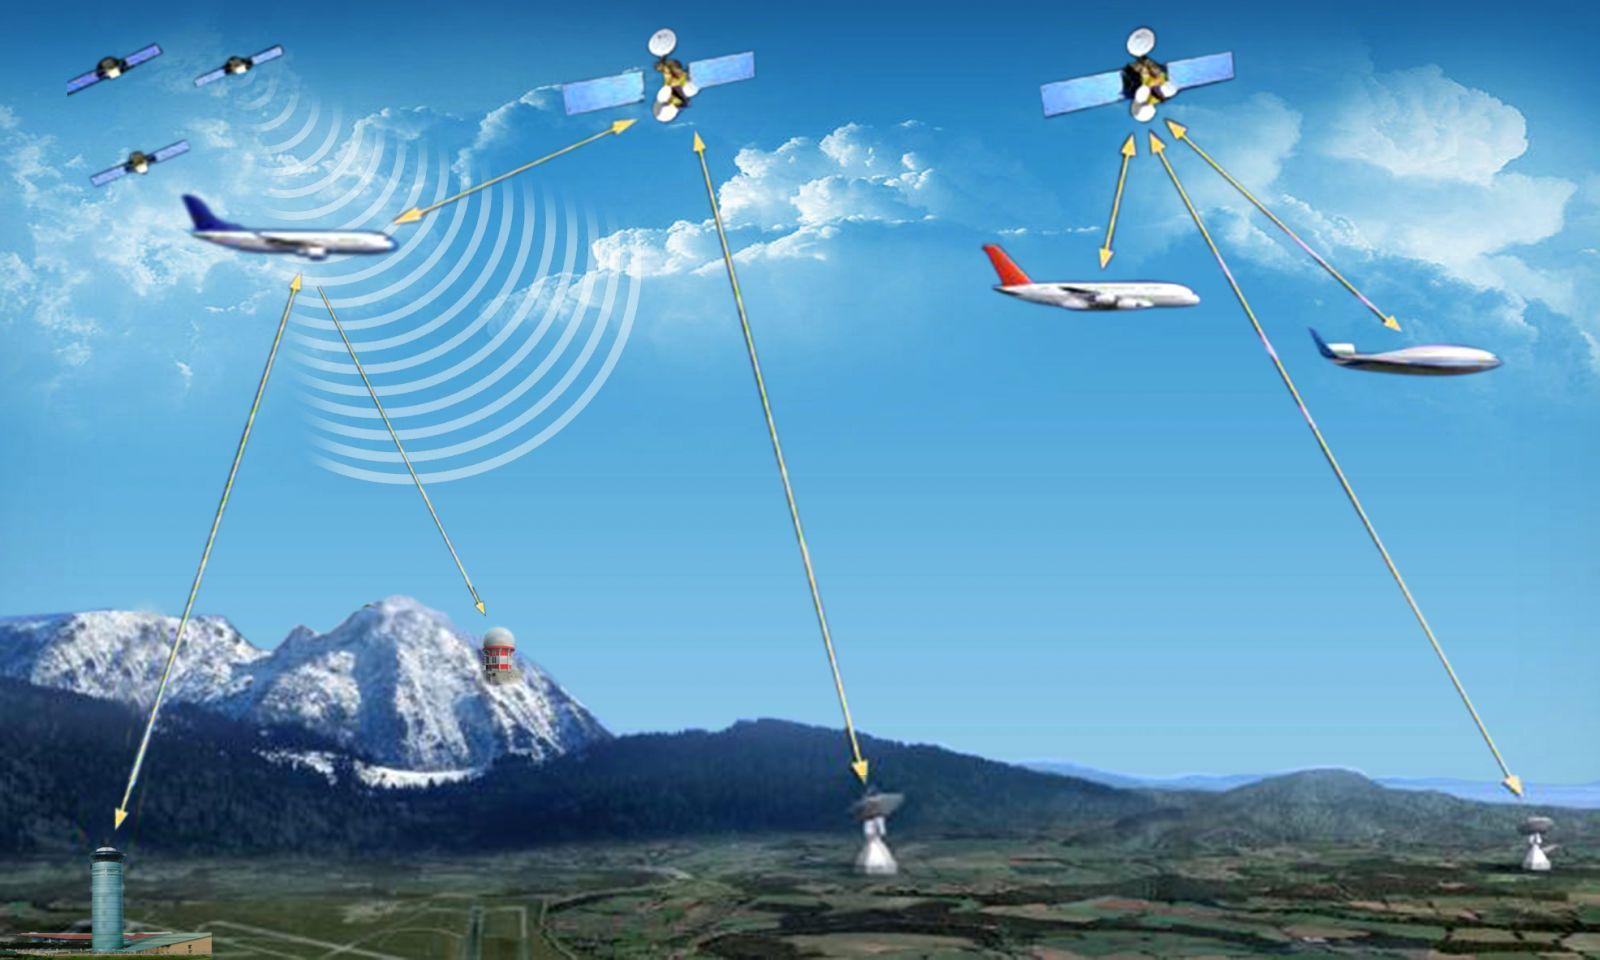 Chuyển đổi phương thức bay dựa trên tính năng dẫn đường tiên tiến (SID/STAR RNAV1) và phân chia lại các phân khu kiểm soát tiếp cận Nội Bài